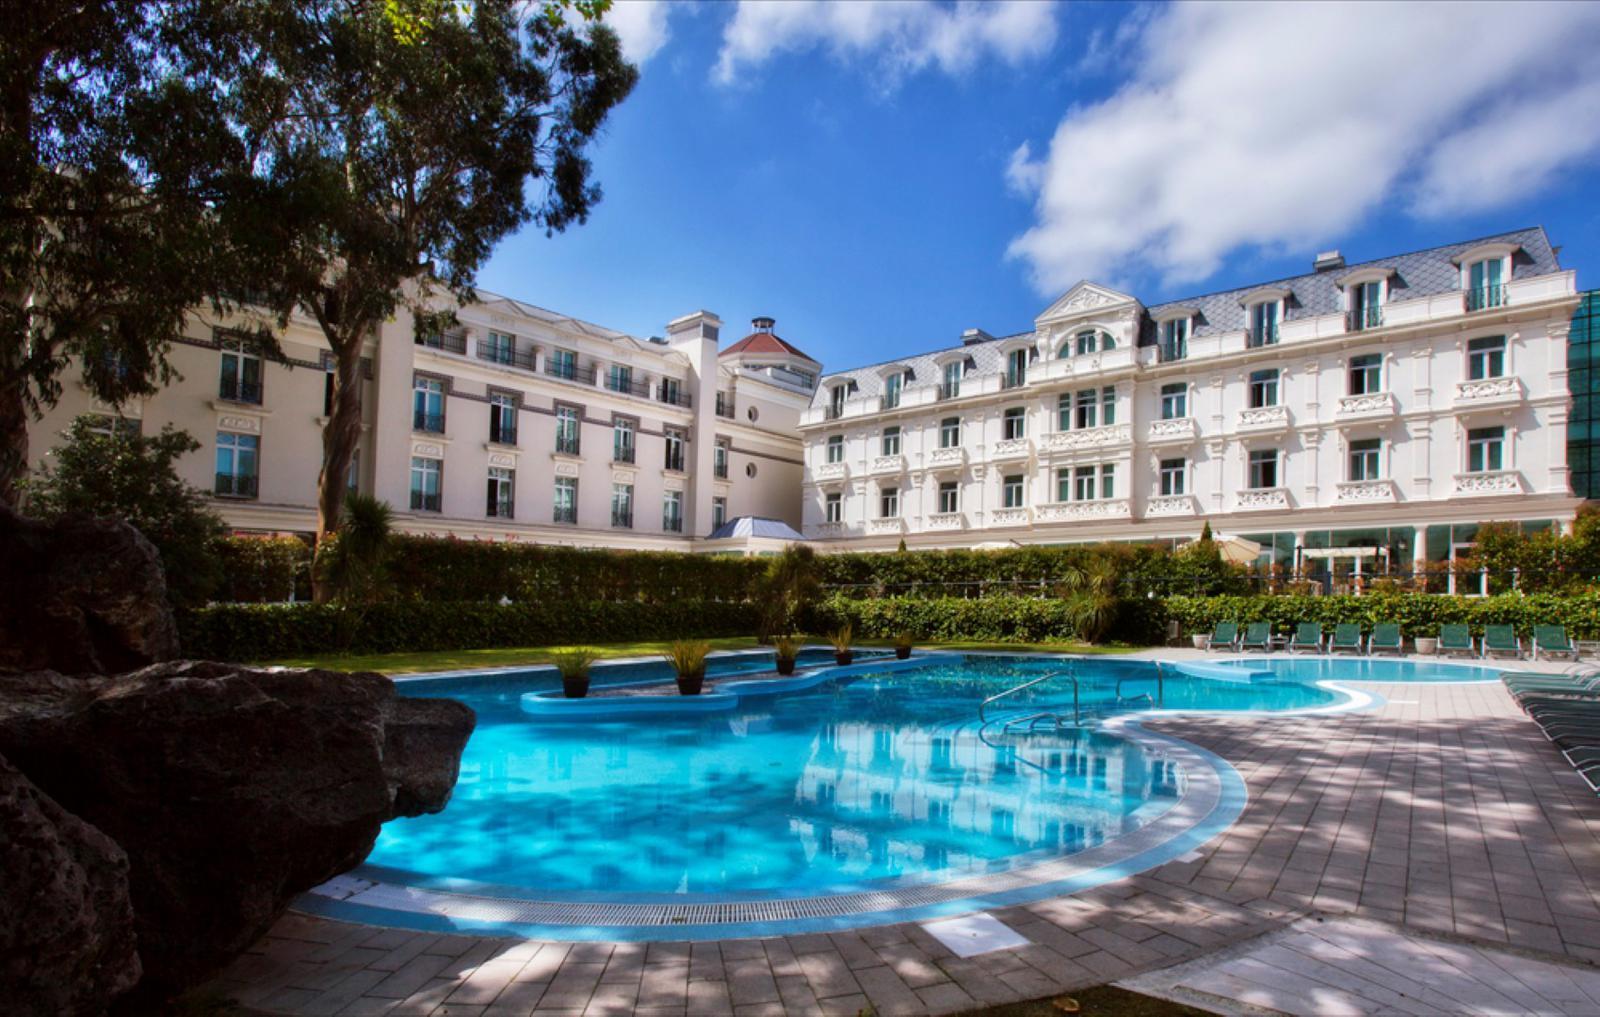 5 balnearios con historia en espa a for Balneario de fortuna precios piscina